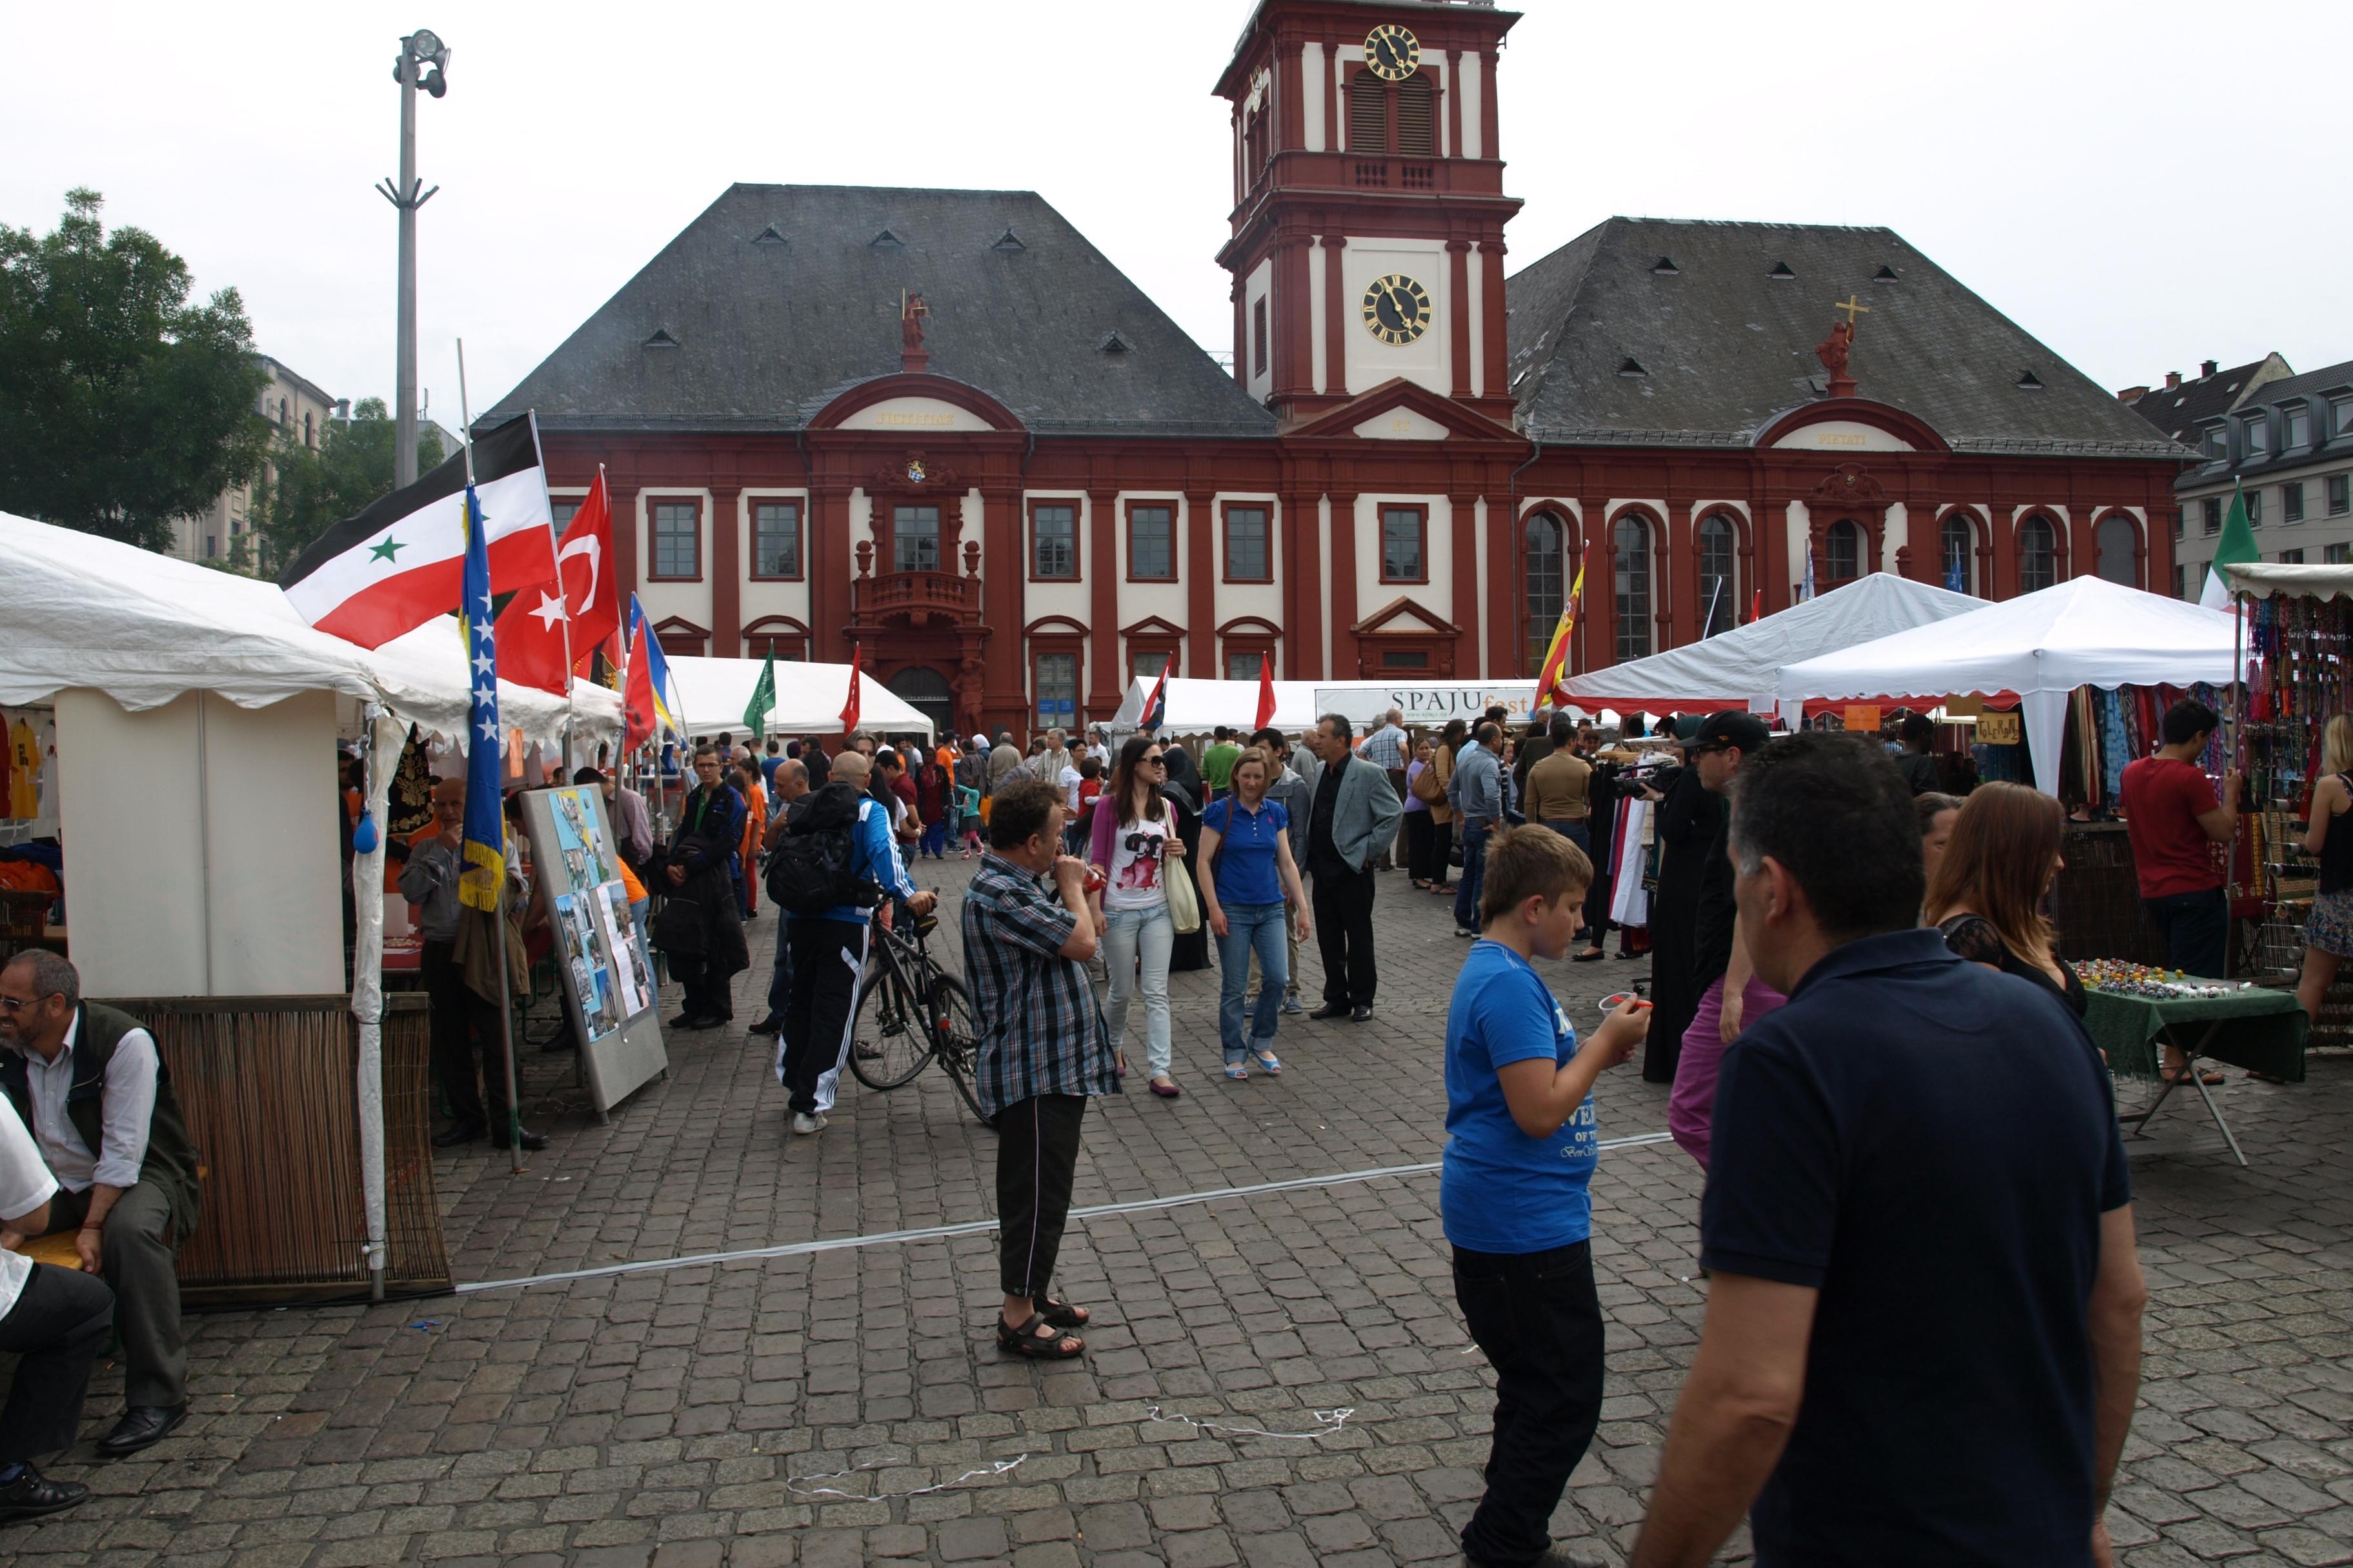 Spaju Fest 2012. 7